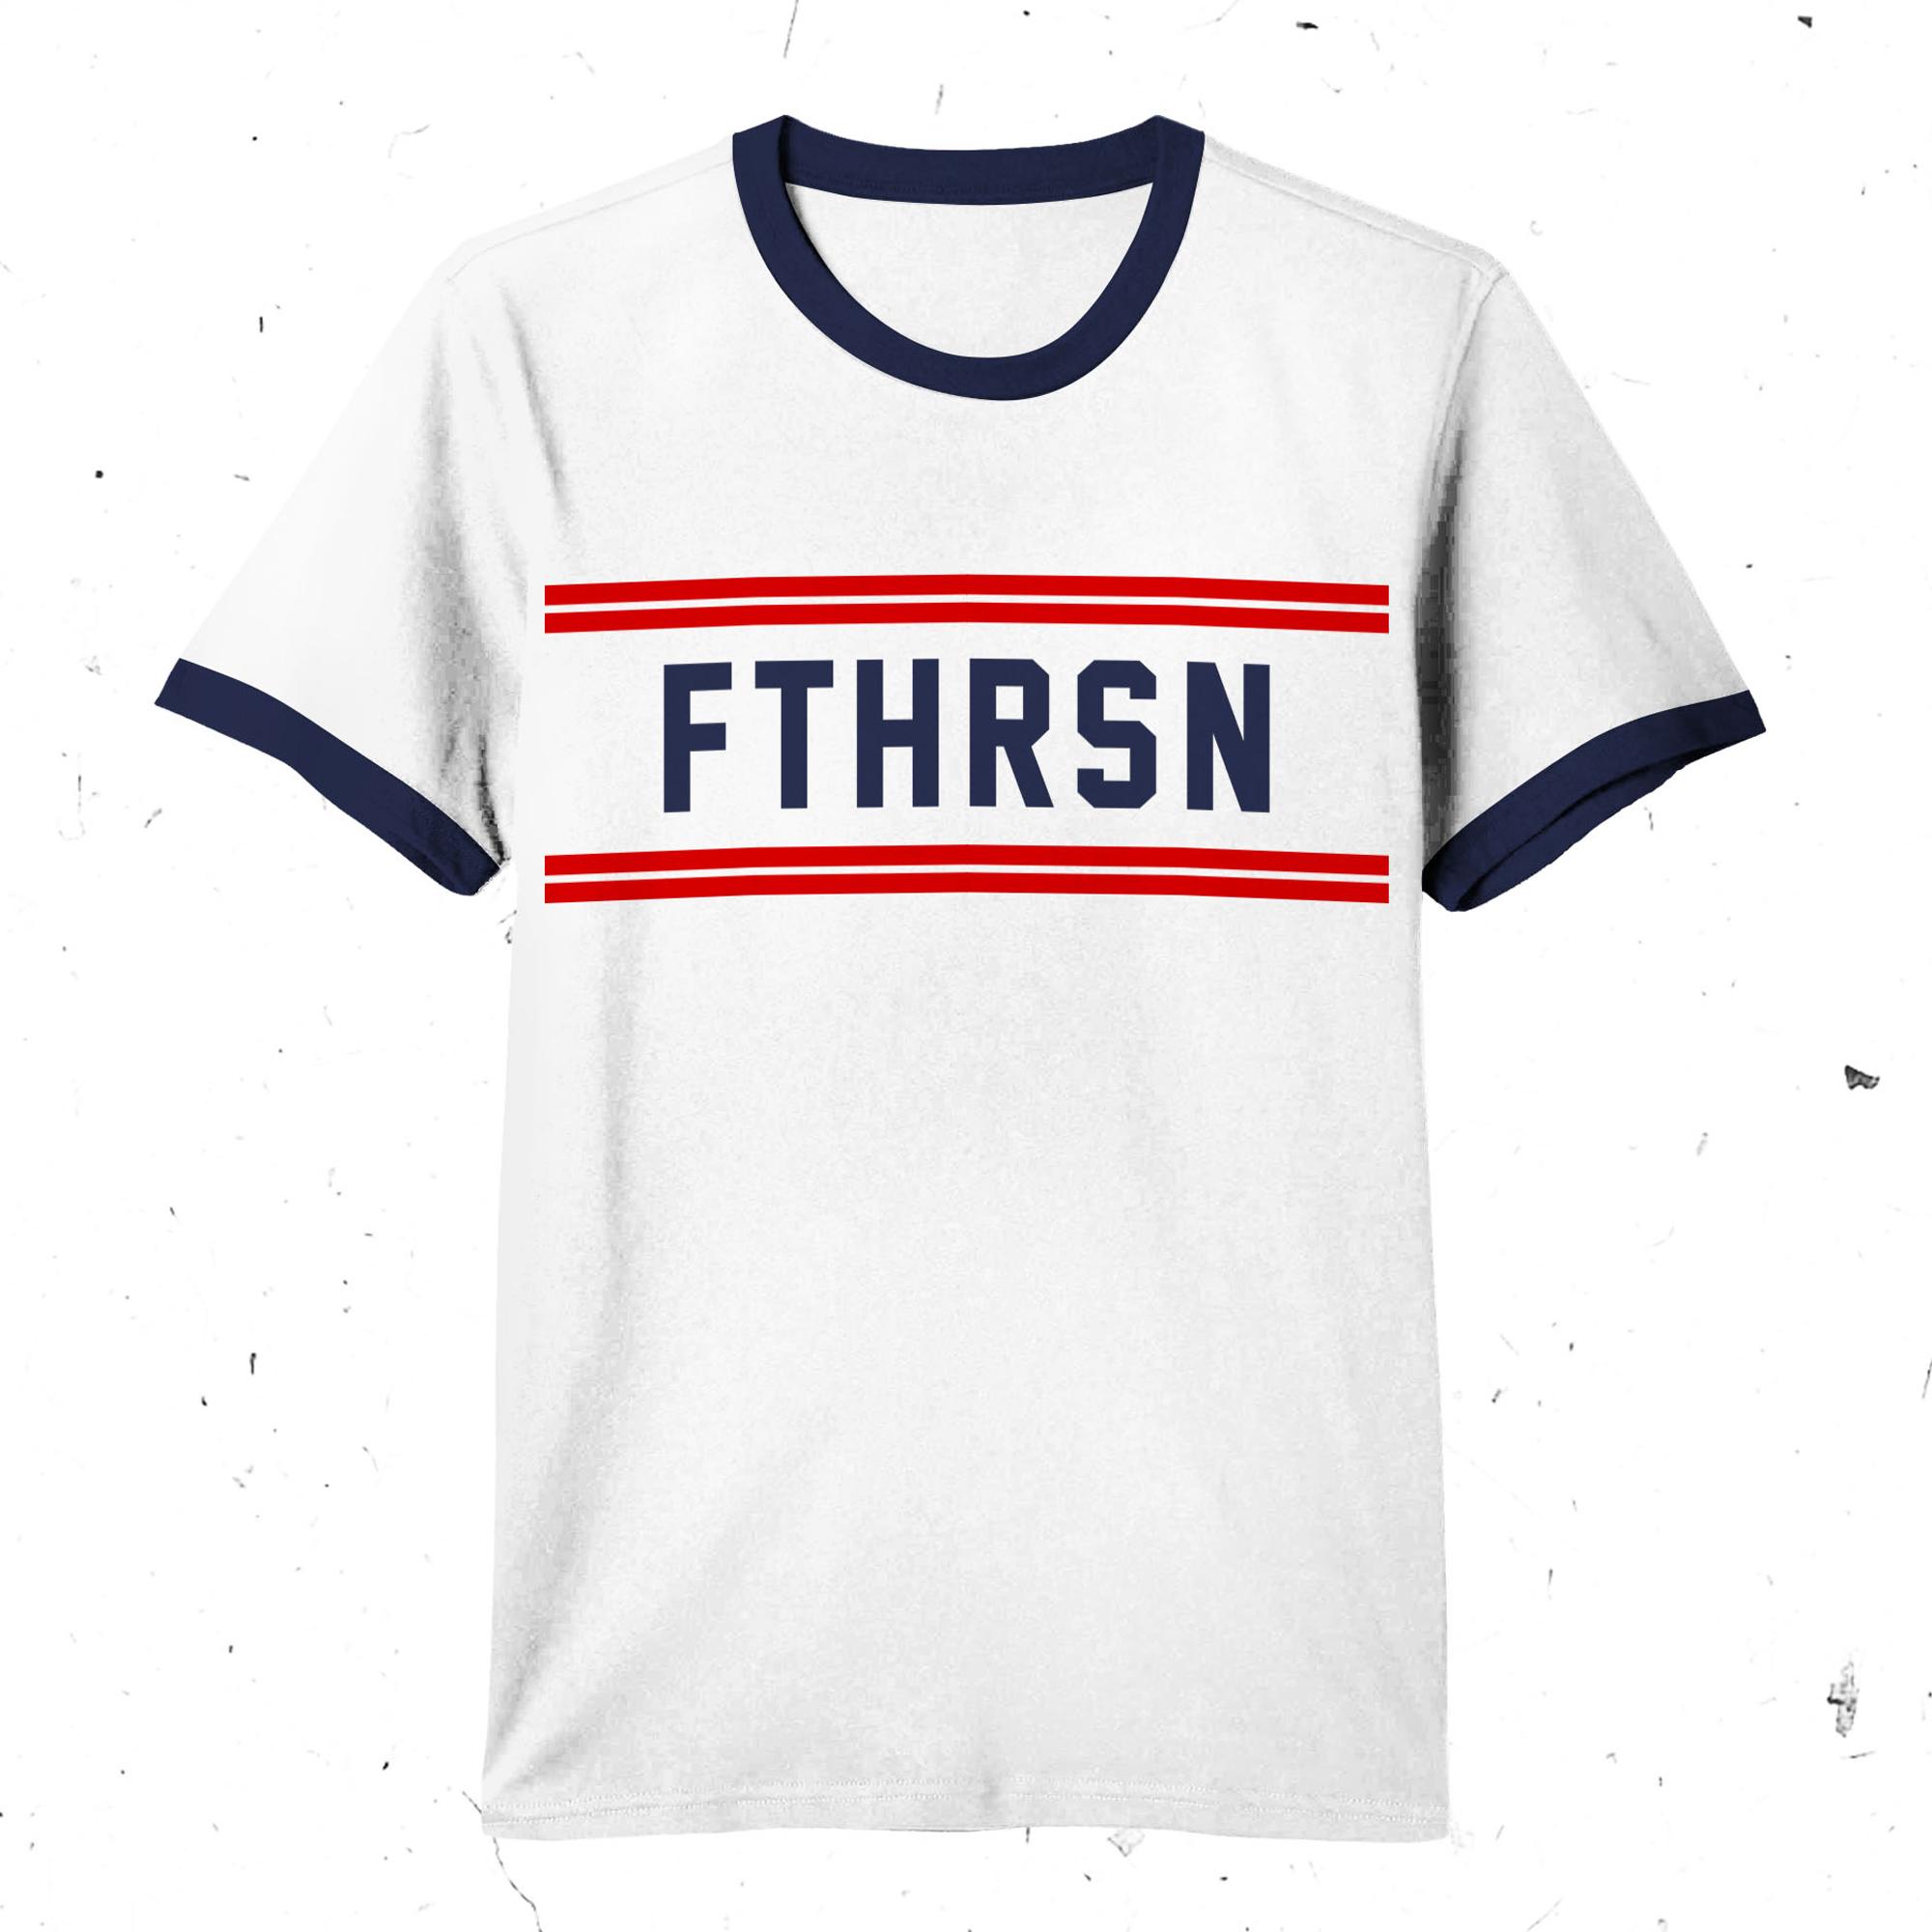 FTHRSN T-Shirt